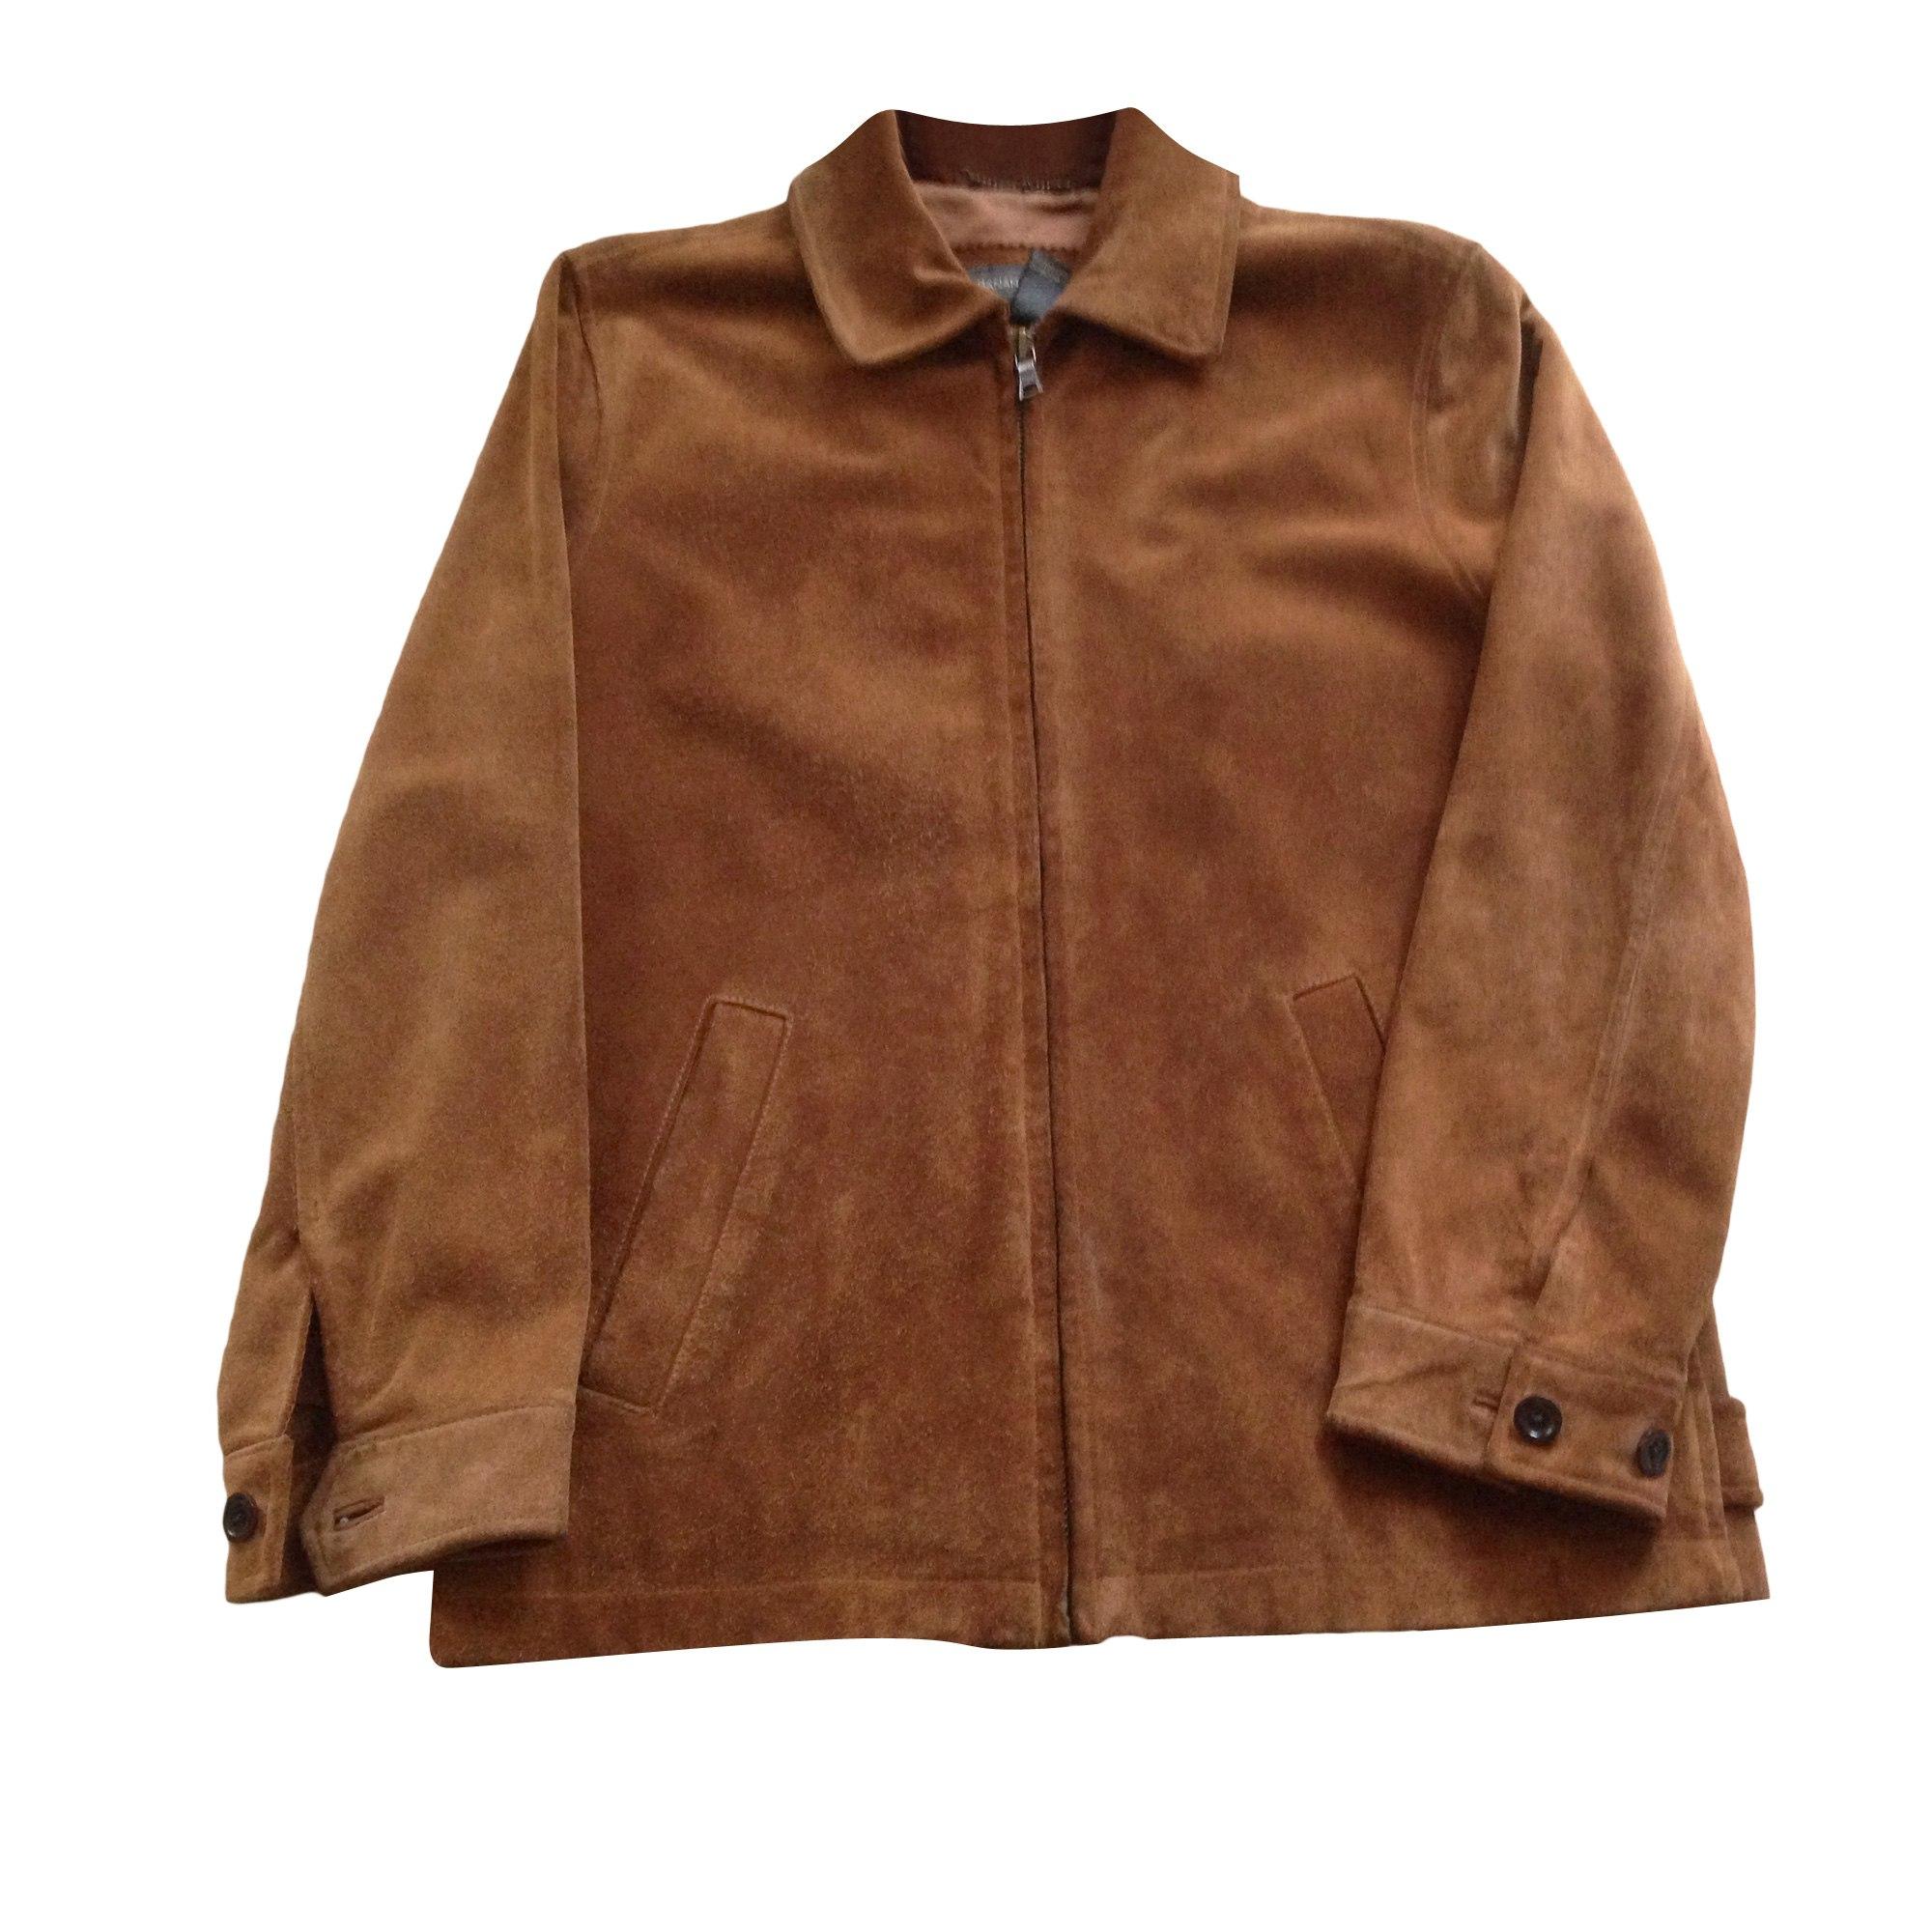 Depot vente veste cuir